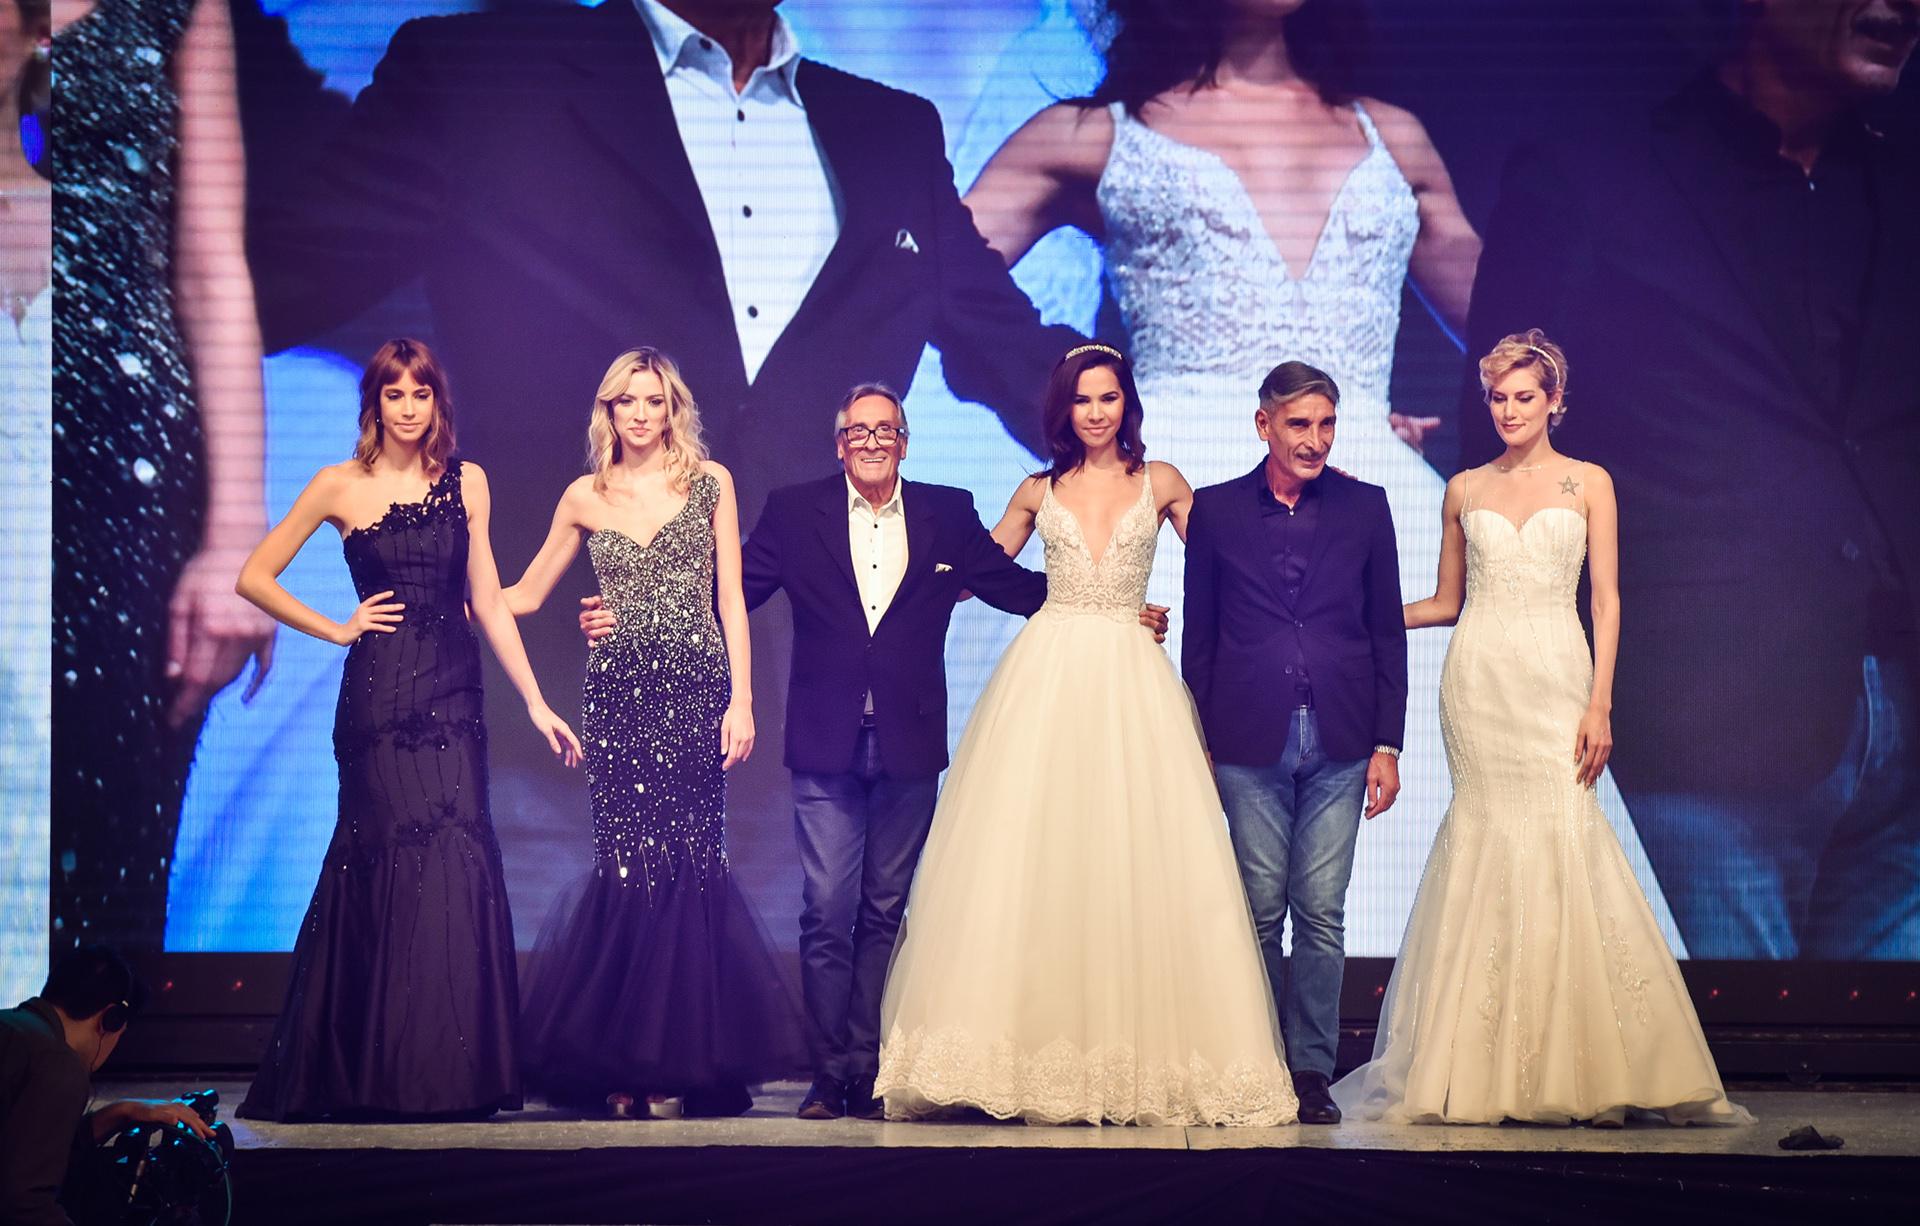 Con vestidos sirena, bordados a mano y trabajos hechos para cada mujer en especial, la pasada cerró con los diseñadores de la marca que vuelven a confirmar las tendencias de la alta costura con sus diseños